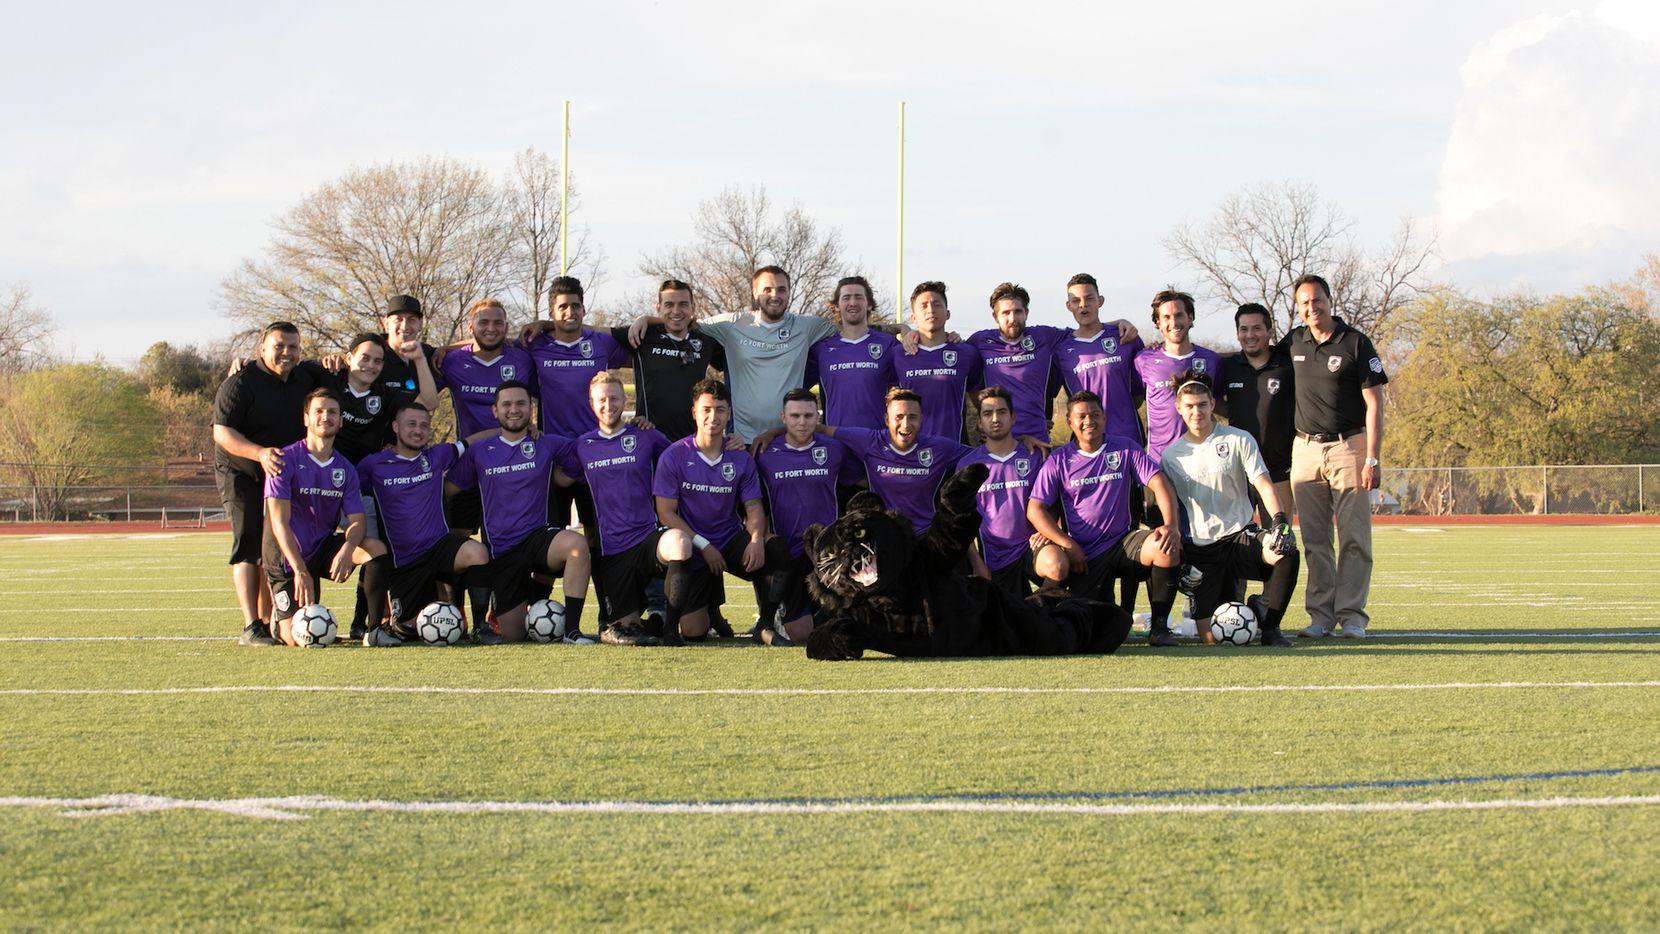 El FC Fort Worth, antes Tigres de FW, competirán en la UPSL. Fotos cortesía FC Fort Worth